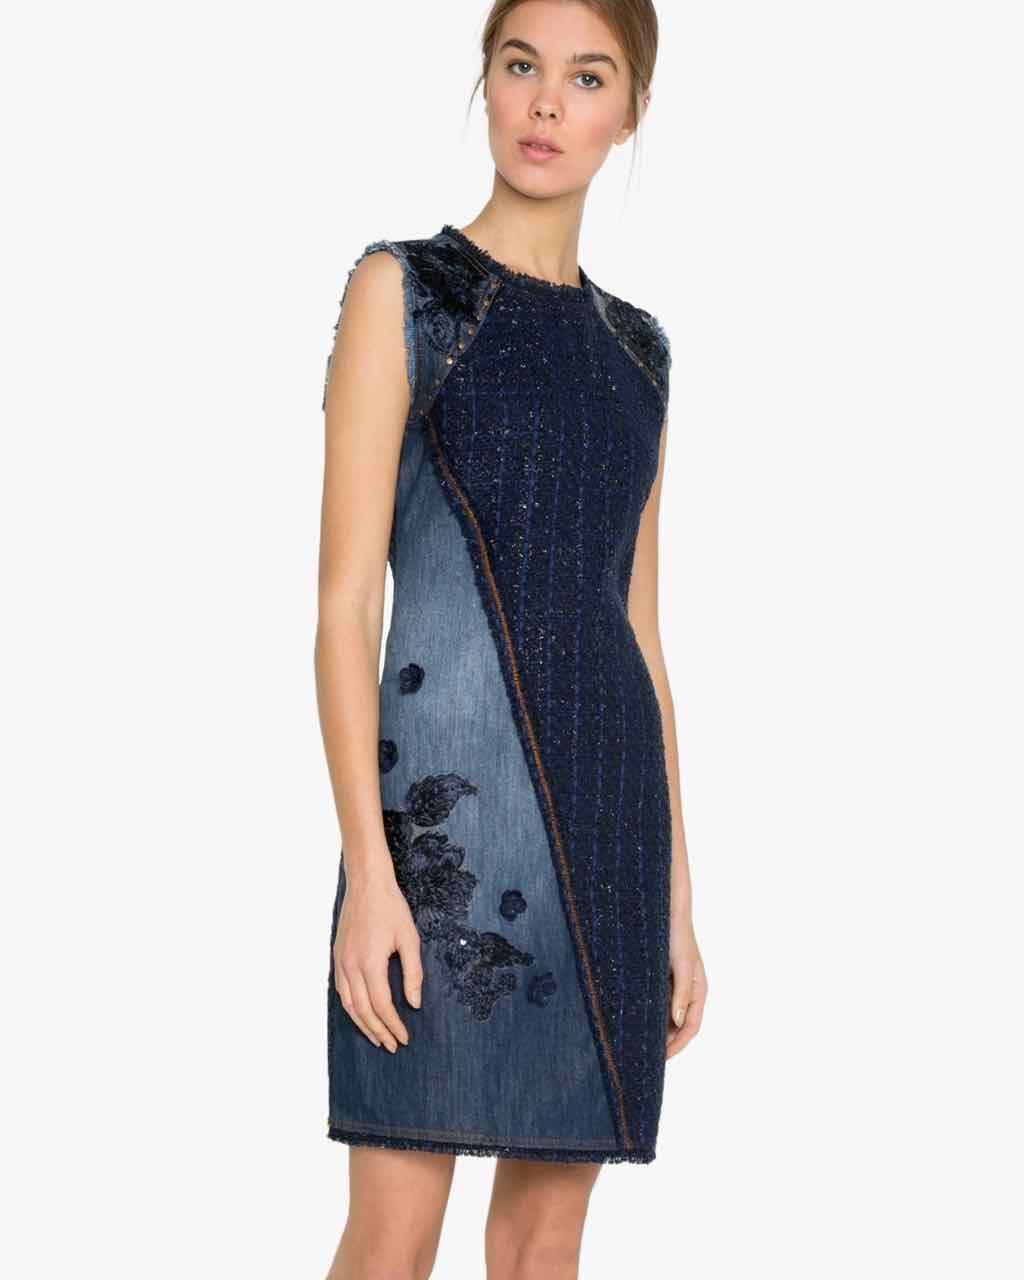 cc6e2865a03 Buy Online Unique Women s Clothing